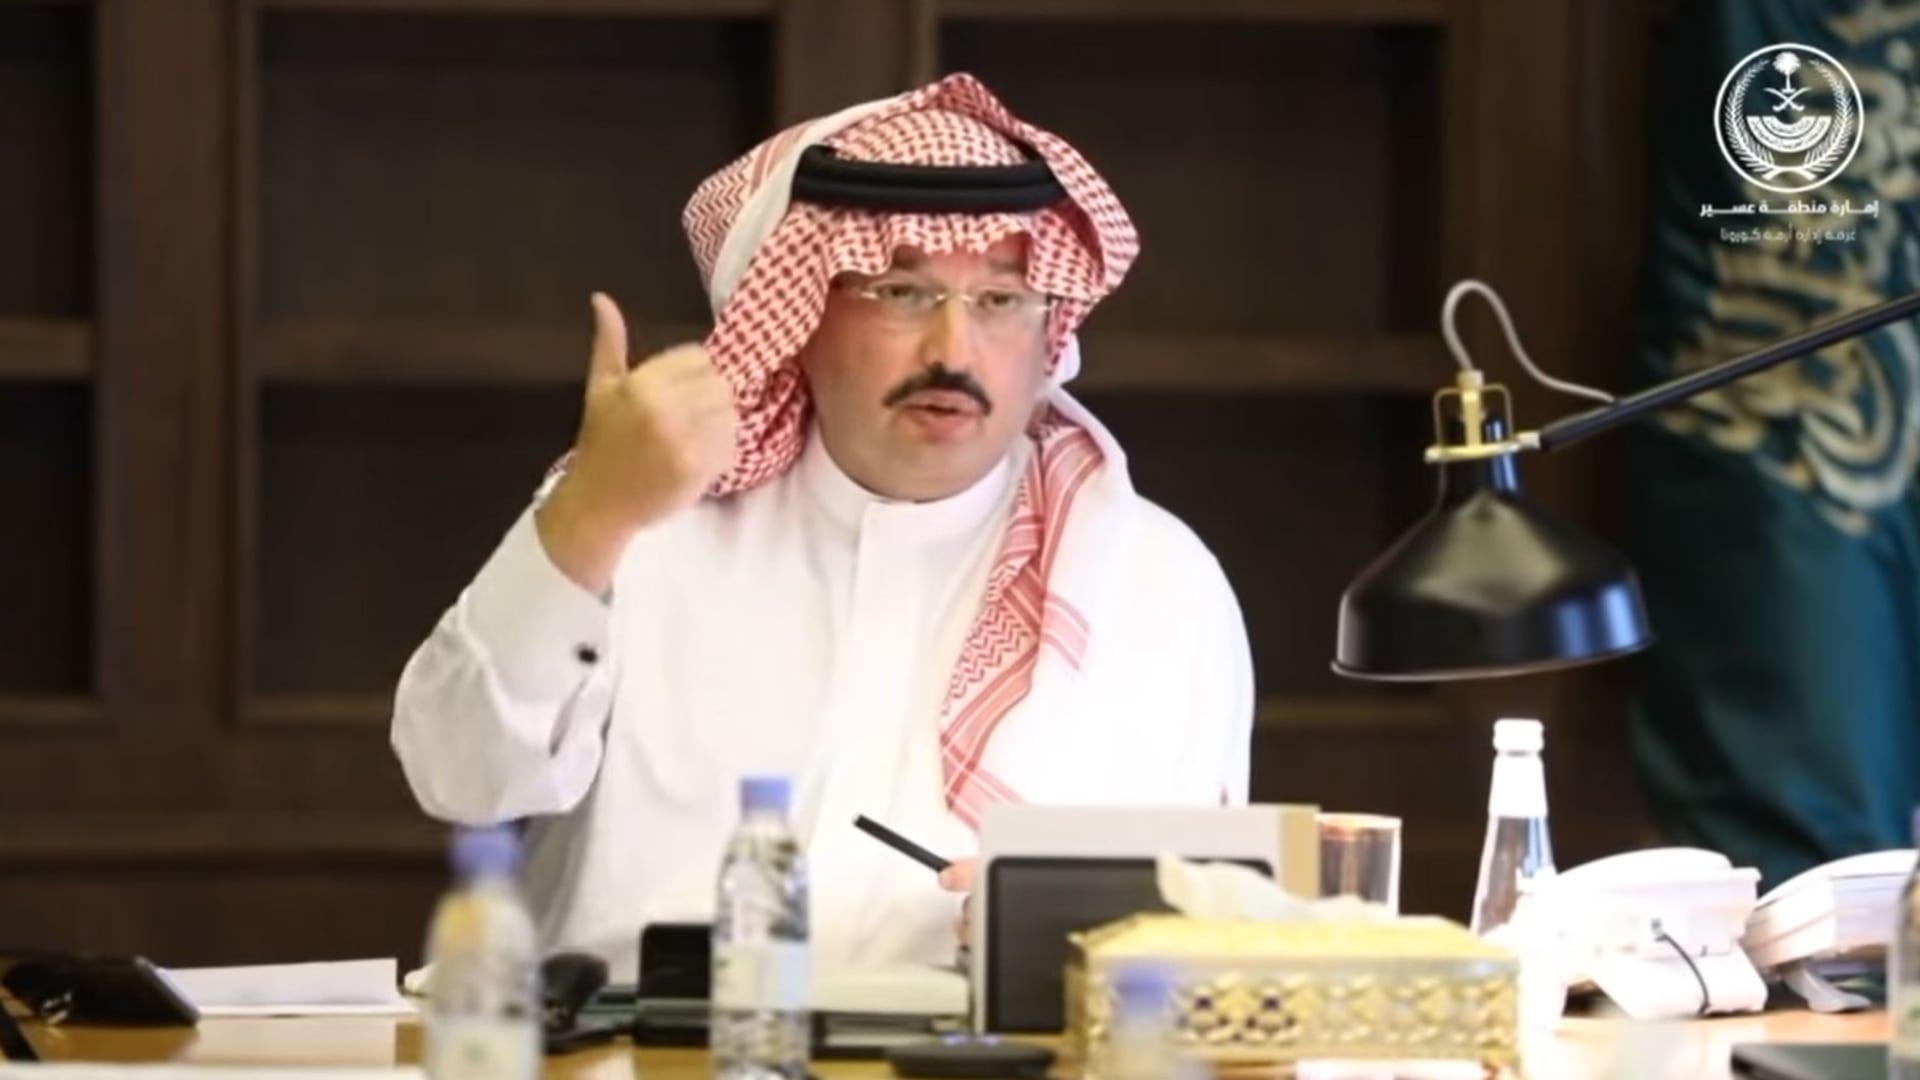 صورة أرشيفية لأمير عسير، الأمير تركي بن طلال